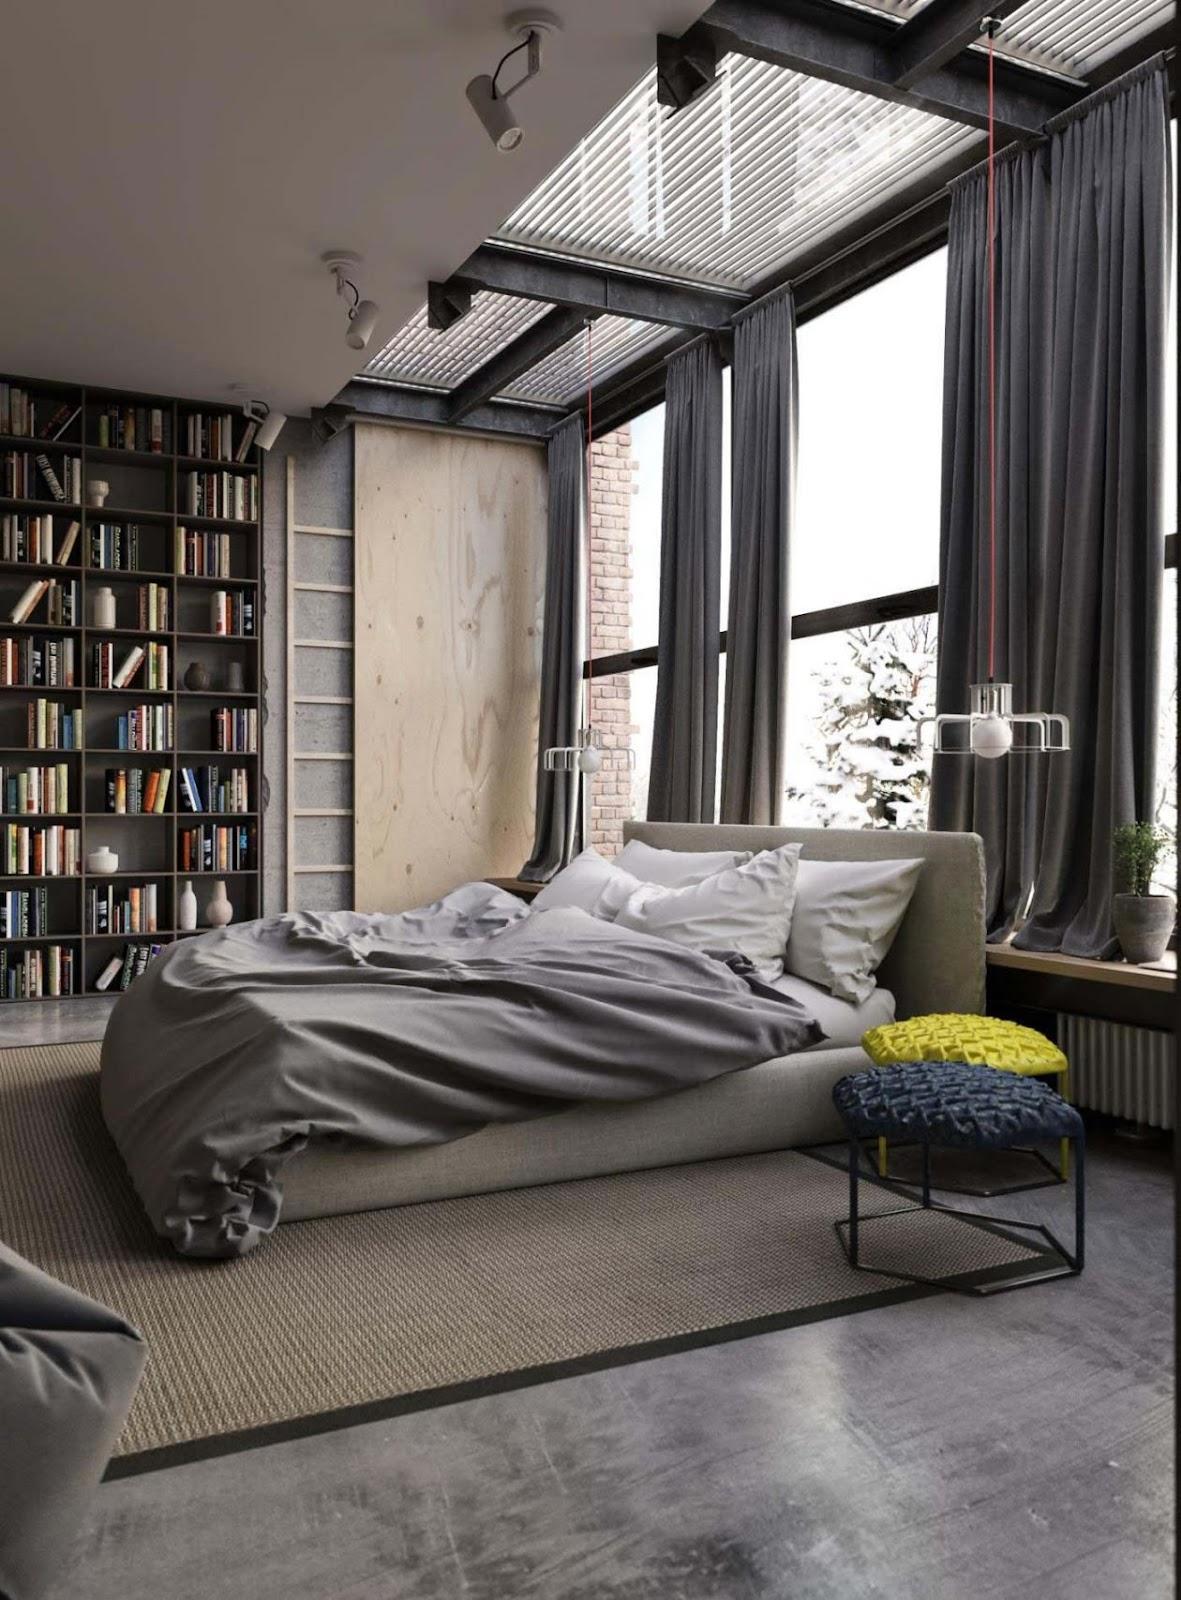 Inspirasi desain kamar tidur kontemporer dengan sentuhan gaya industrial - source: pinterest.com